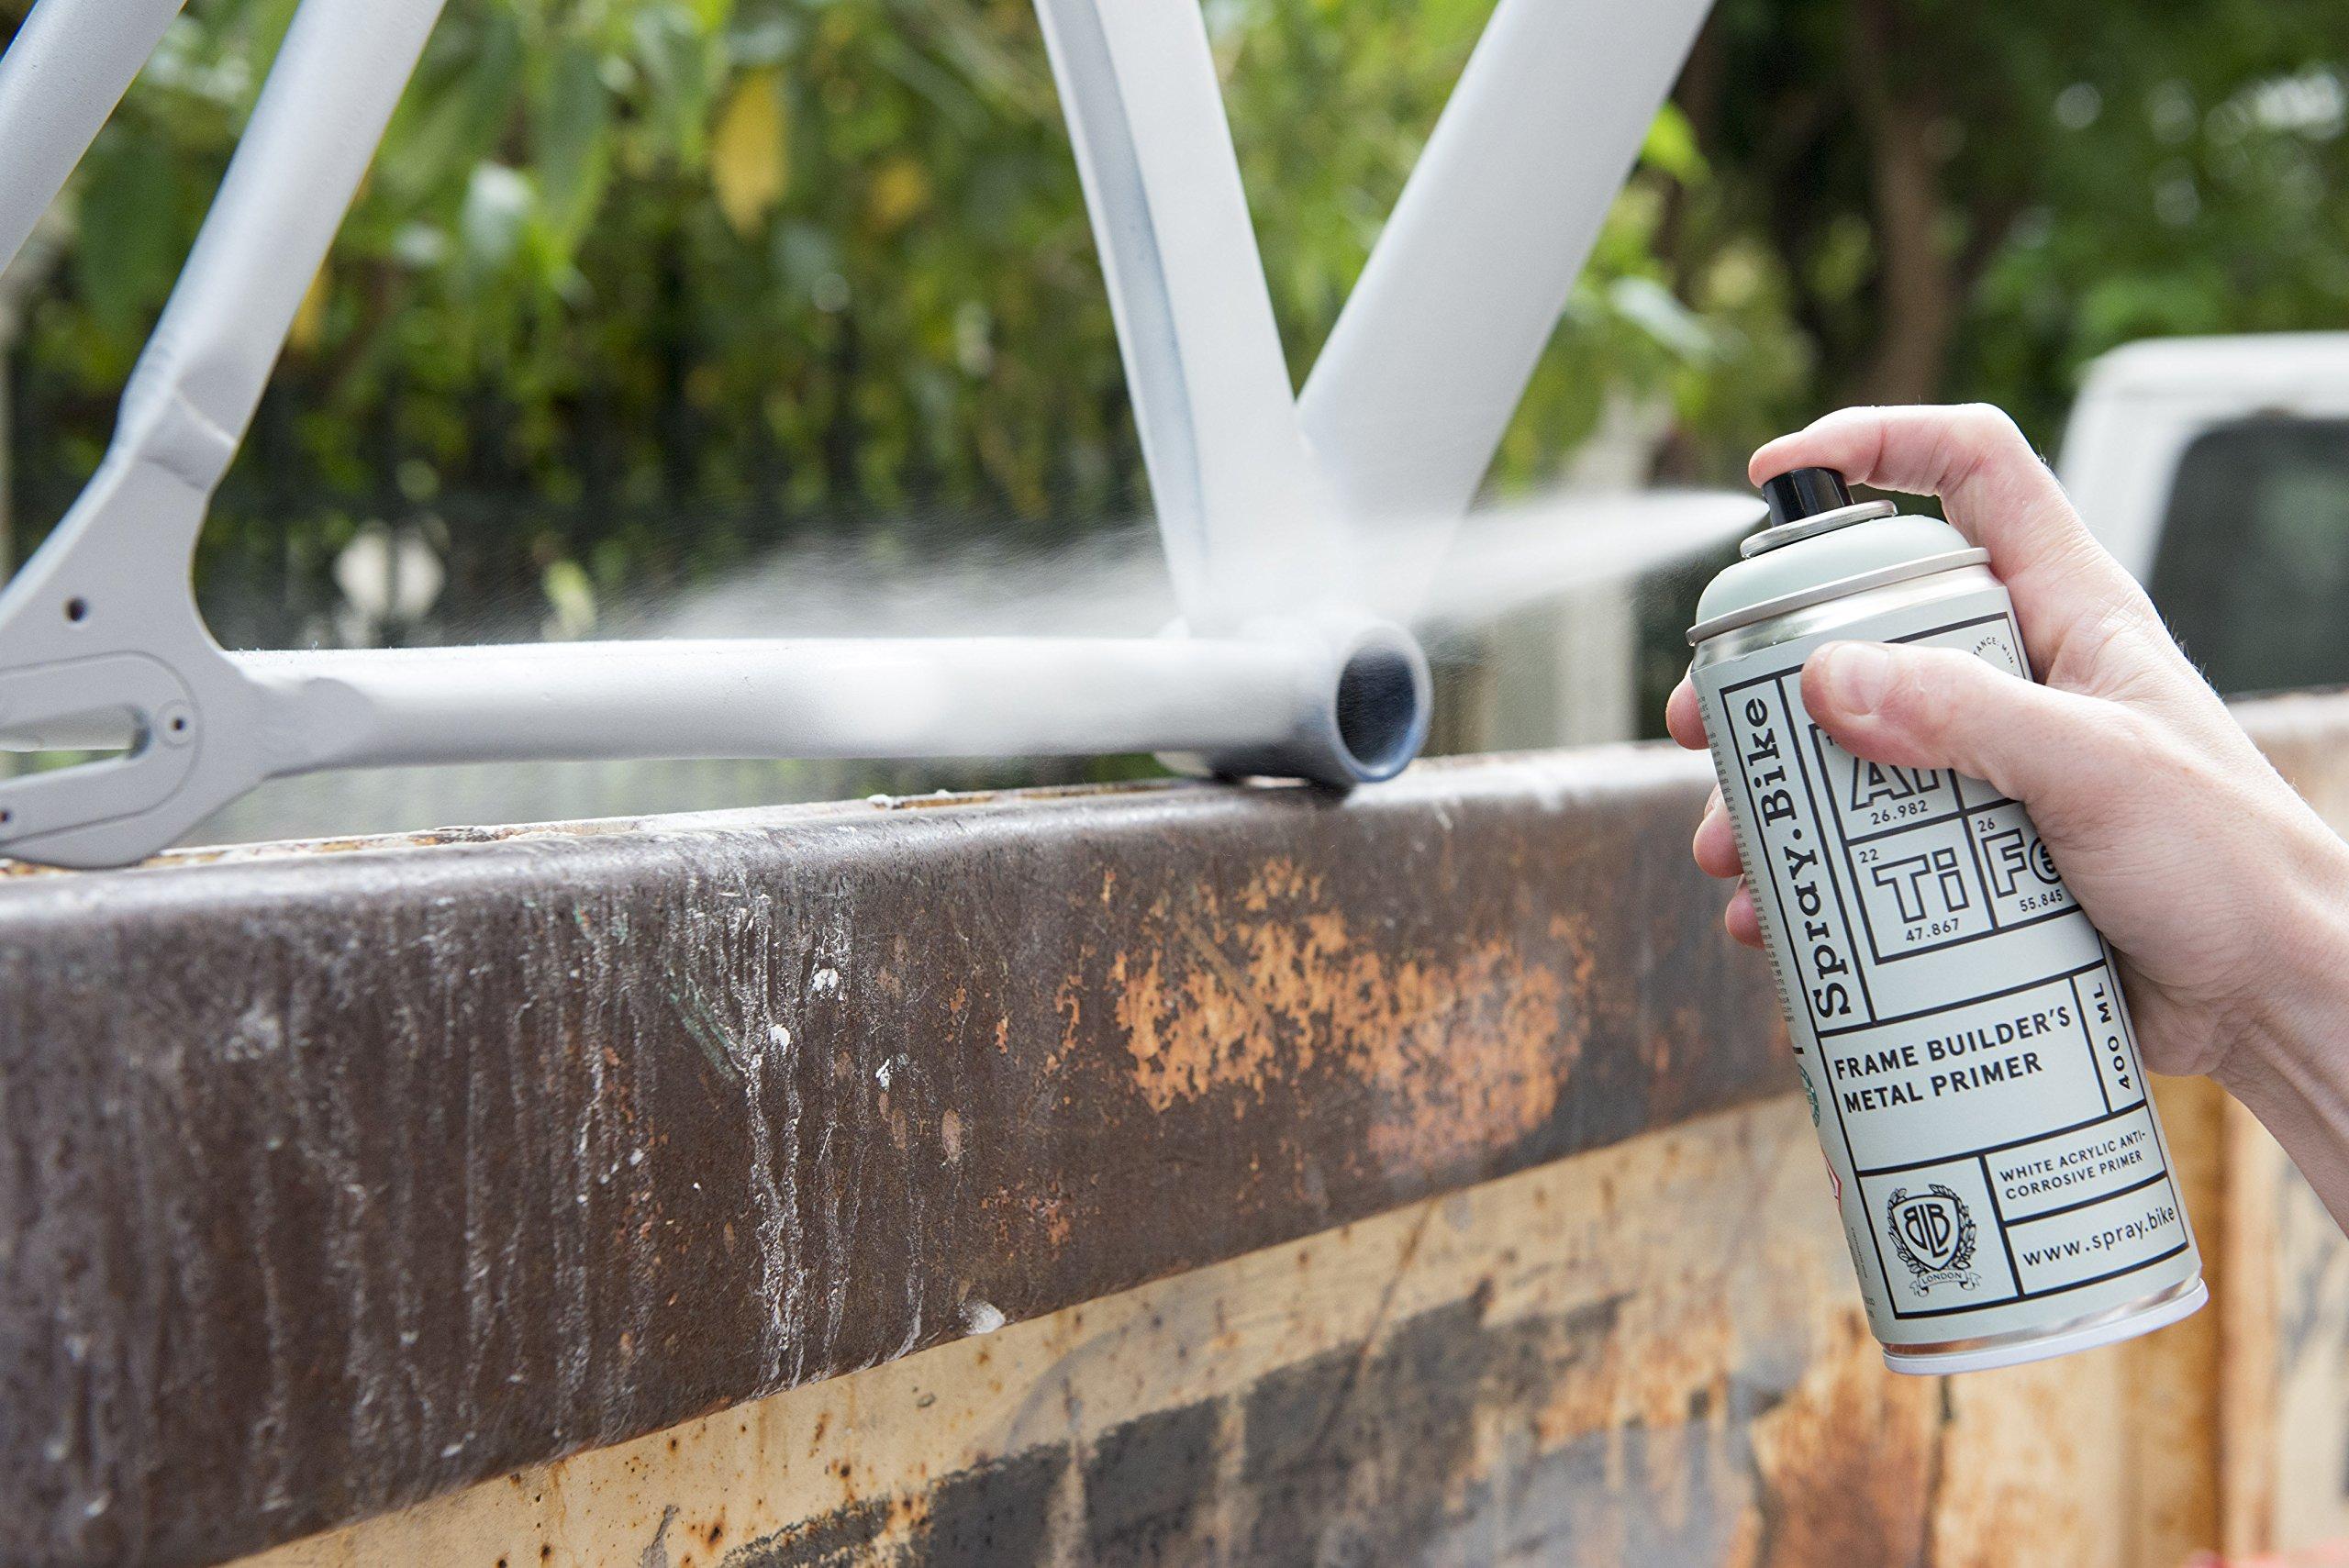 Spray.Bike Frame Builders Metal Primer: Amazon.es: Coche y moto